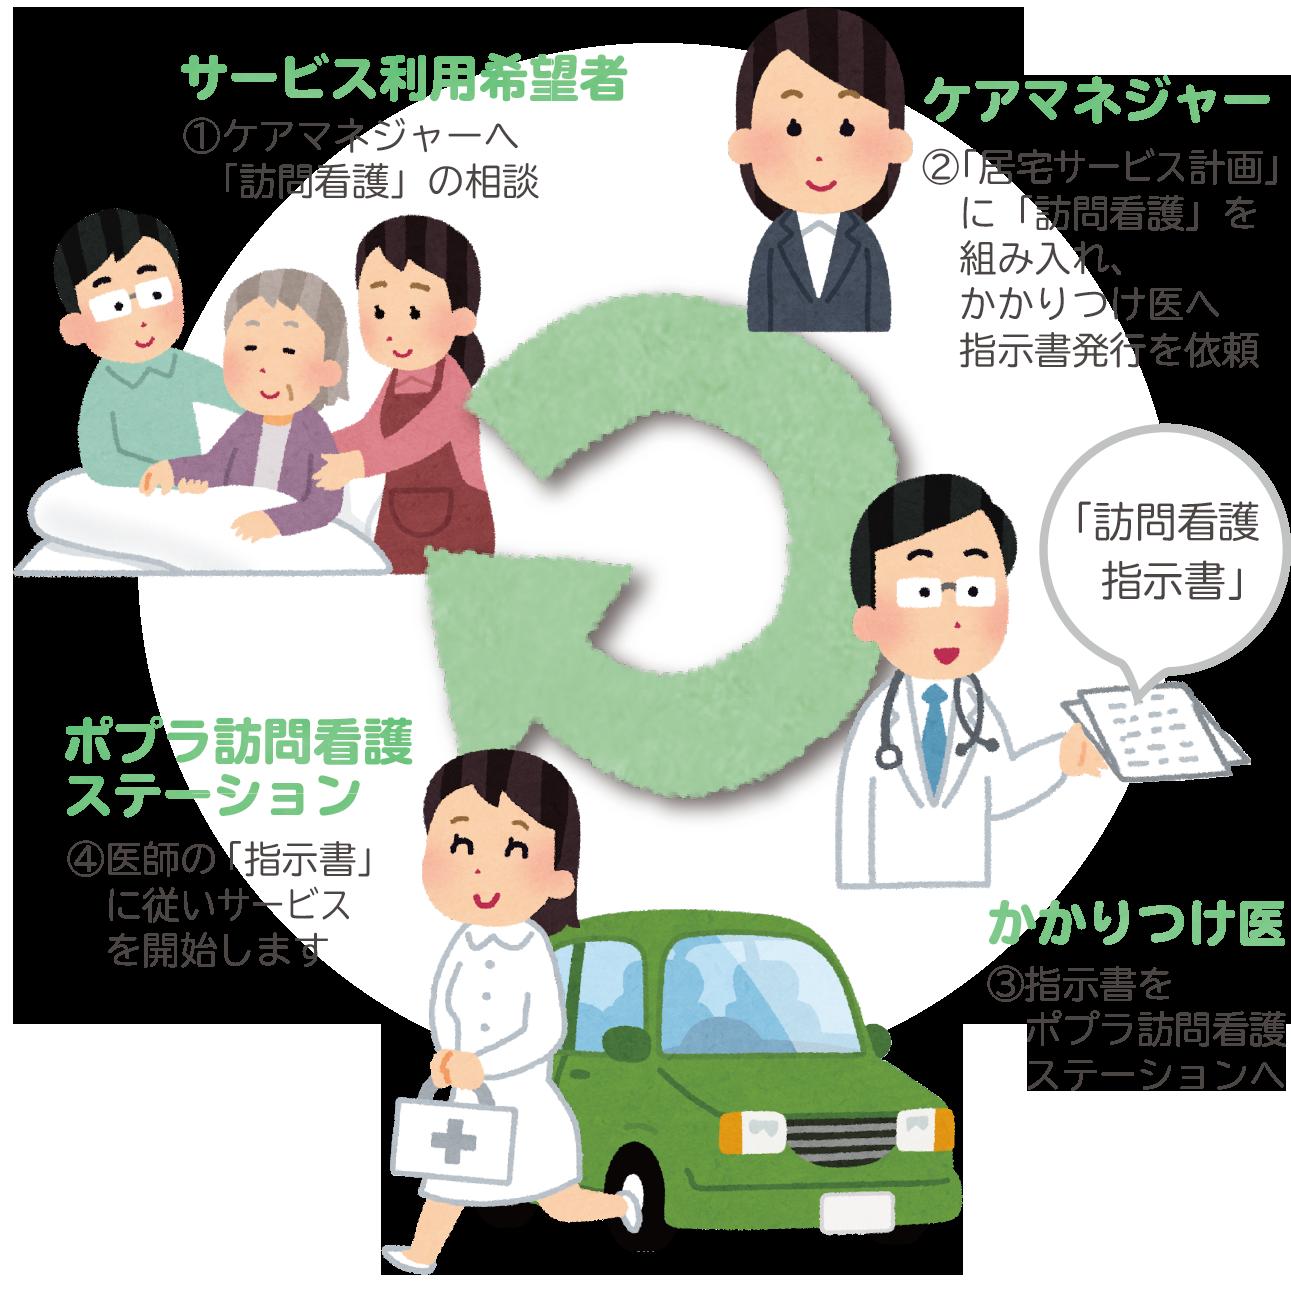 介護保険でのご利用 流れイメージ図